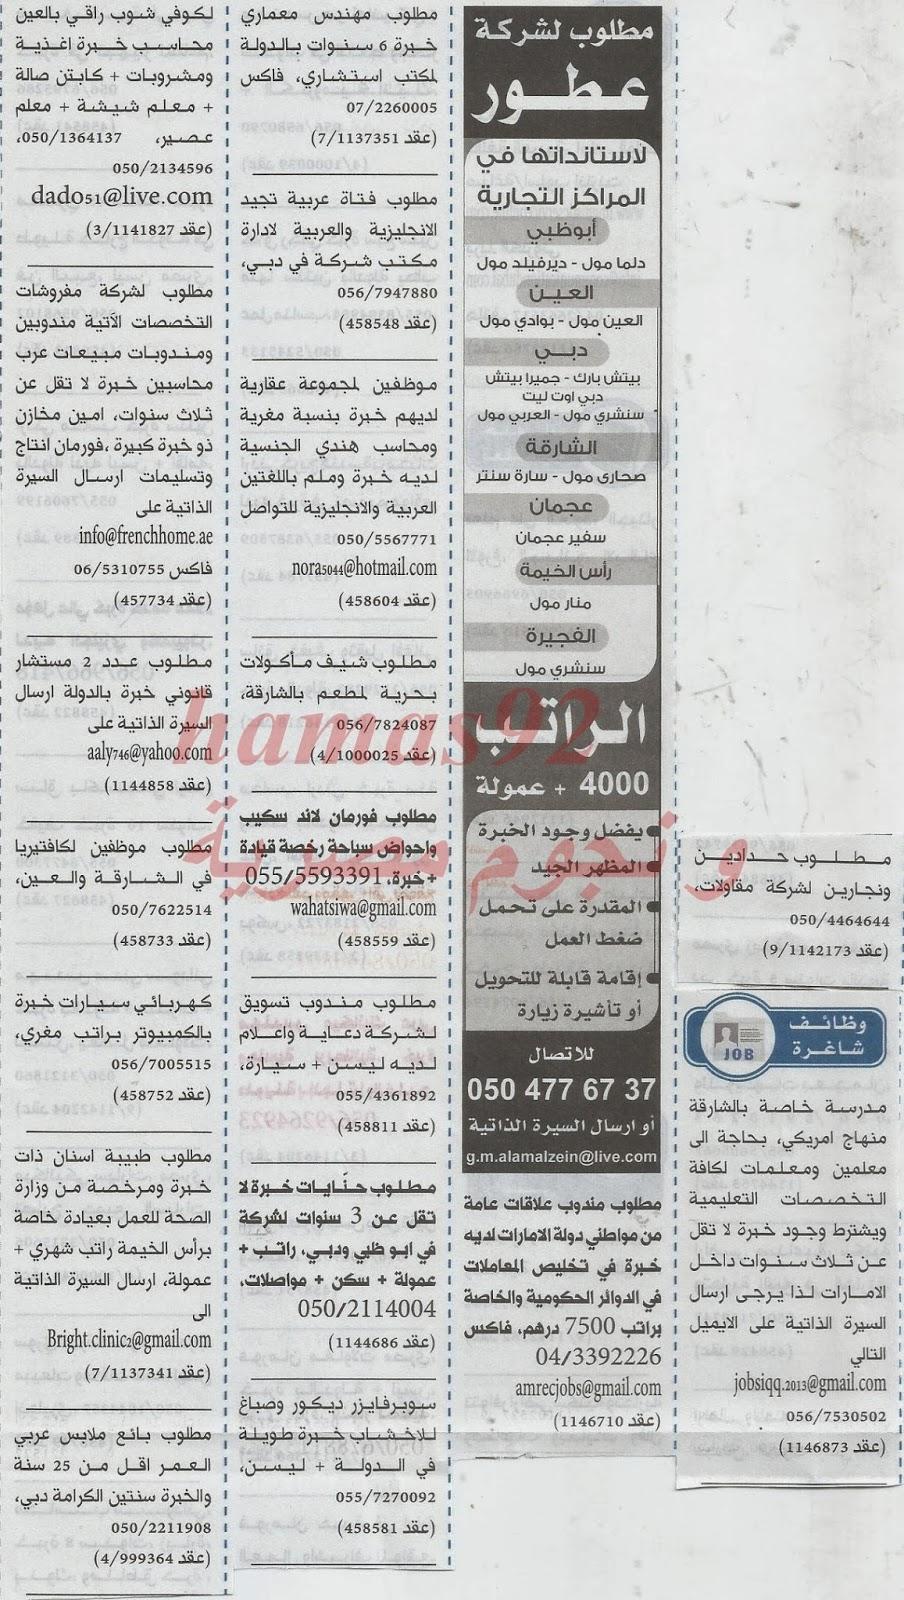 وظائف جريدة الخليج الامارات اليوم الثلاثاء 26-11-2013